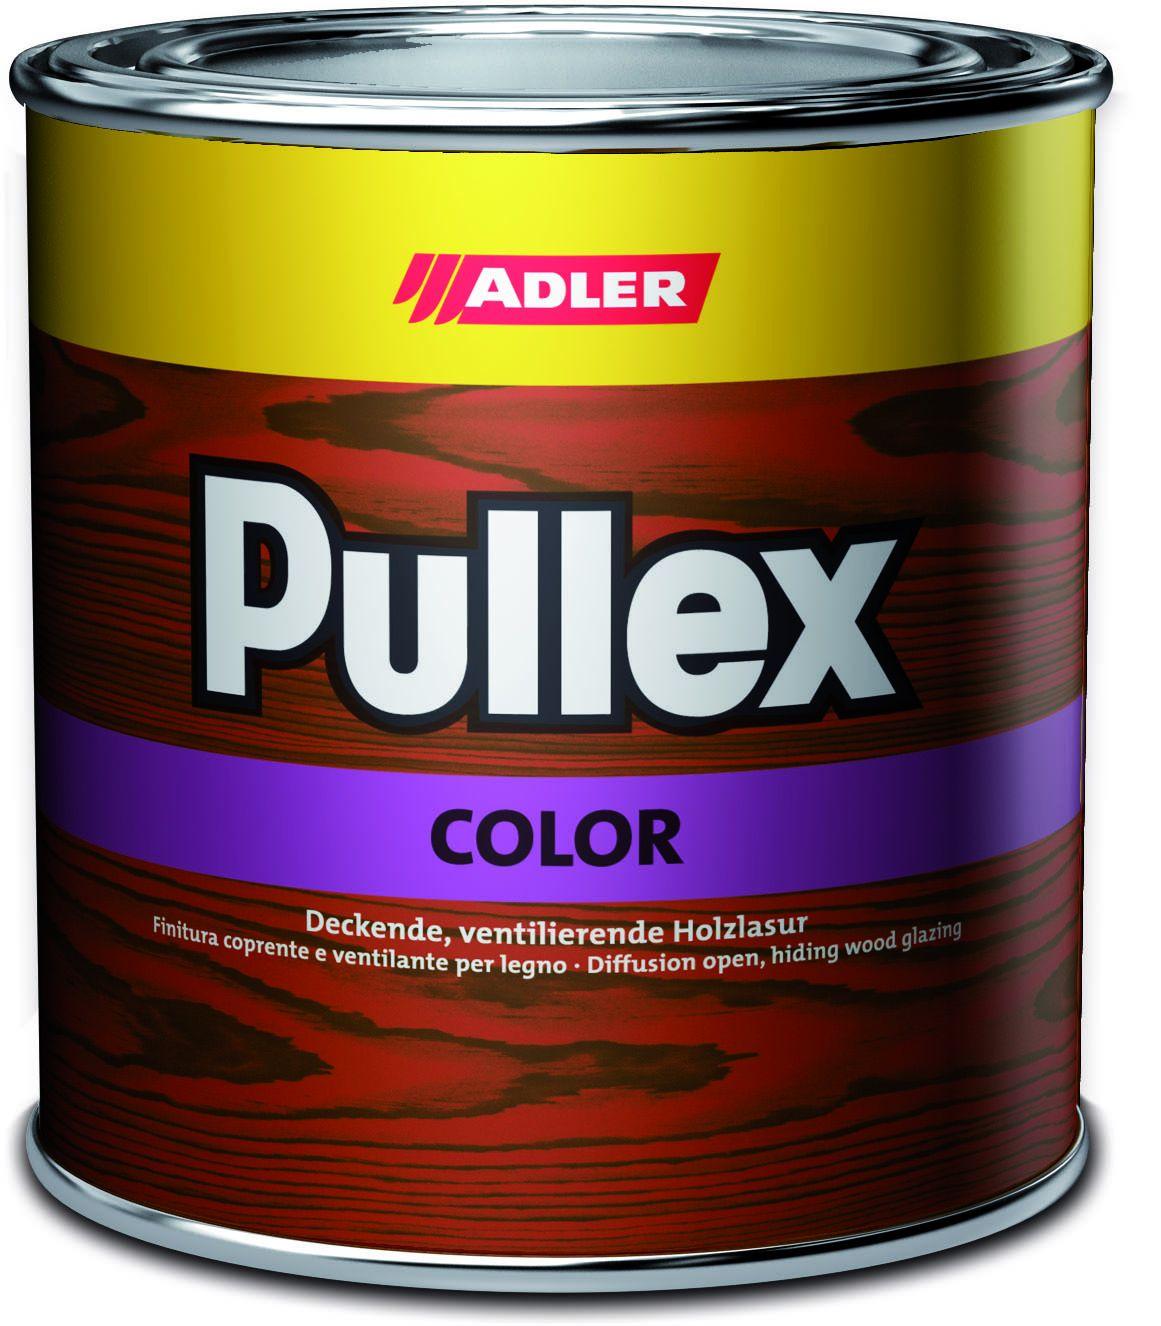 Adler Pullex Color efarby.sk